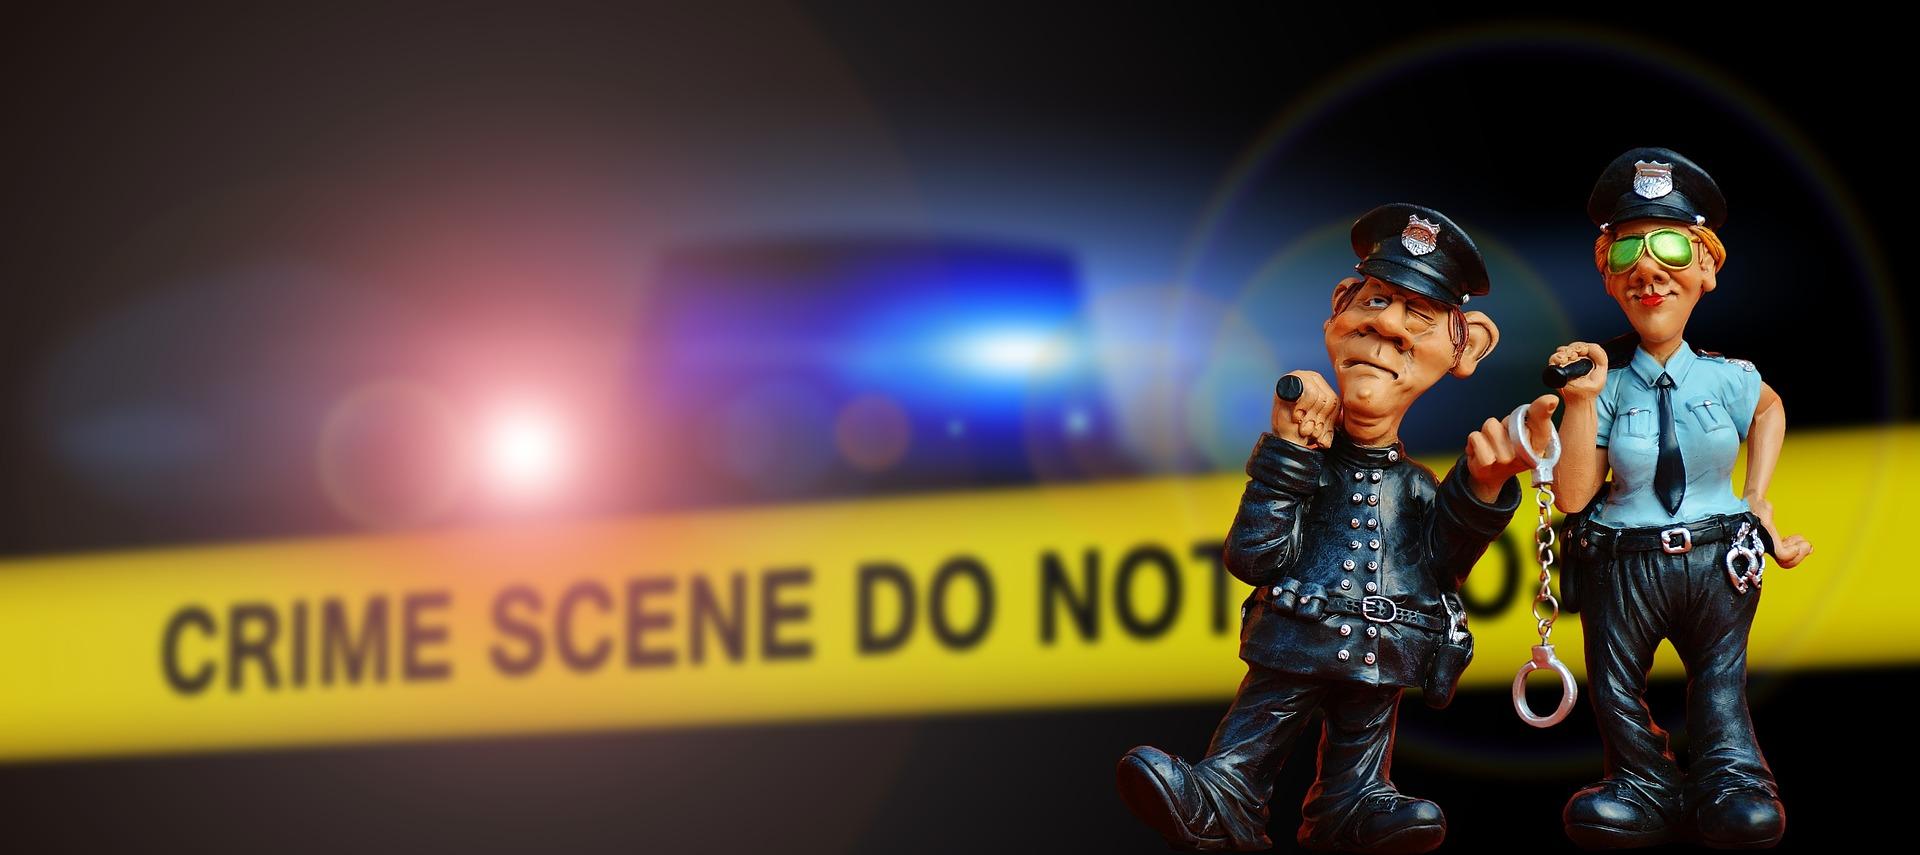 Šala dneva: Policista na krajo nesreče